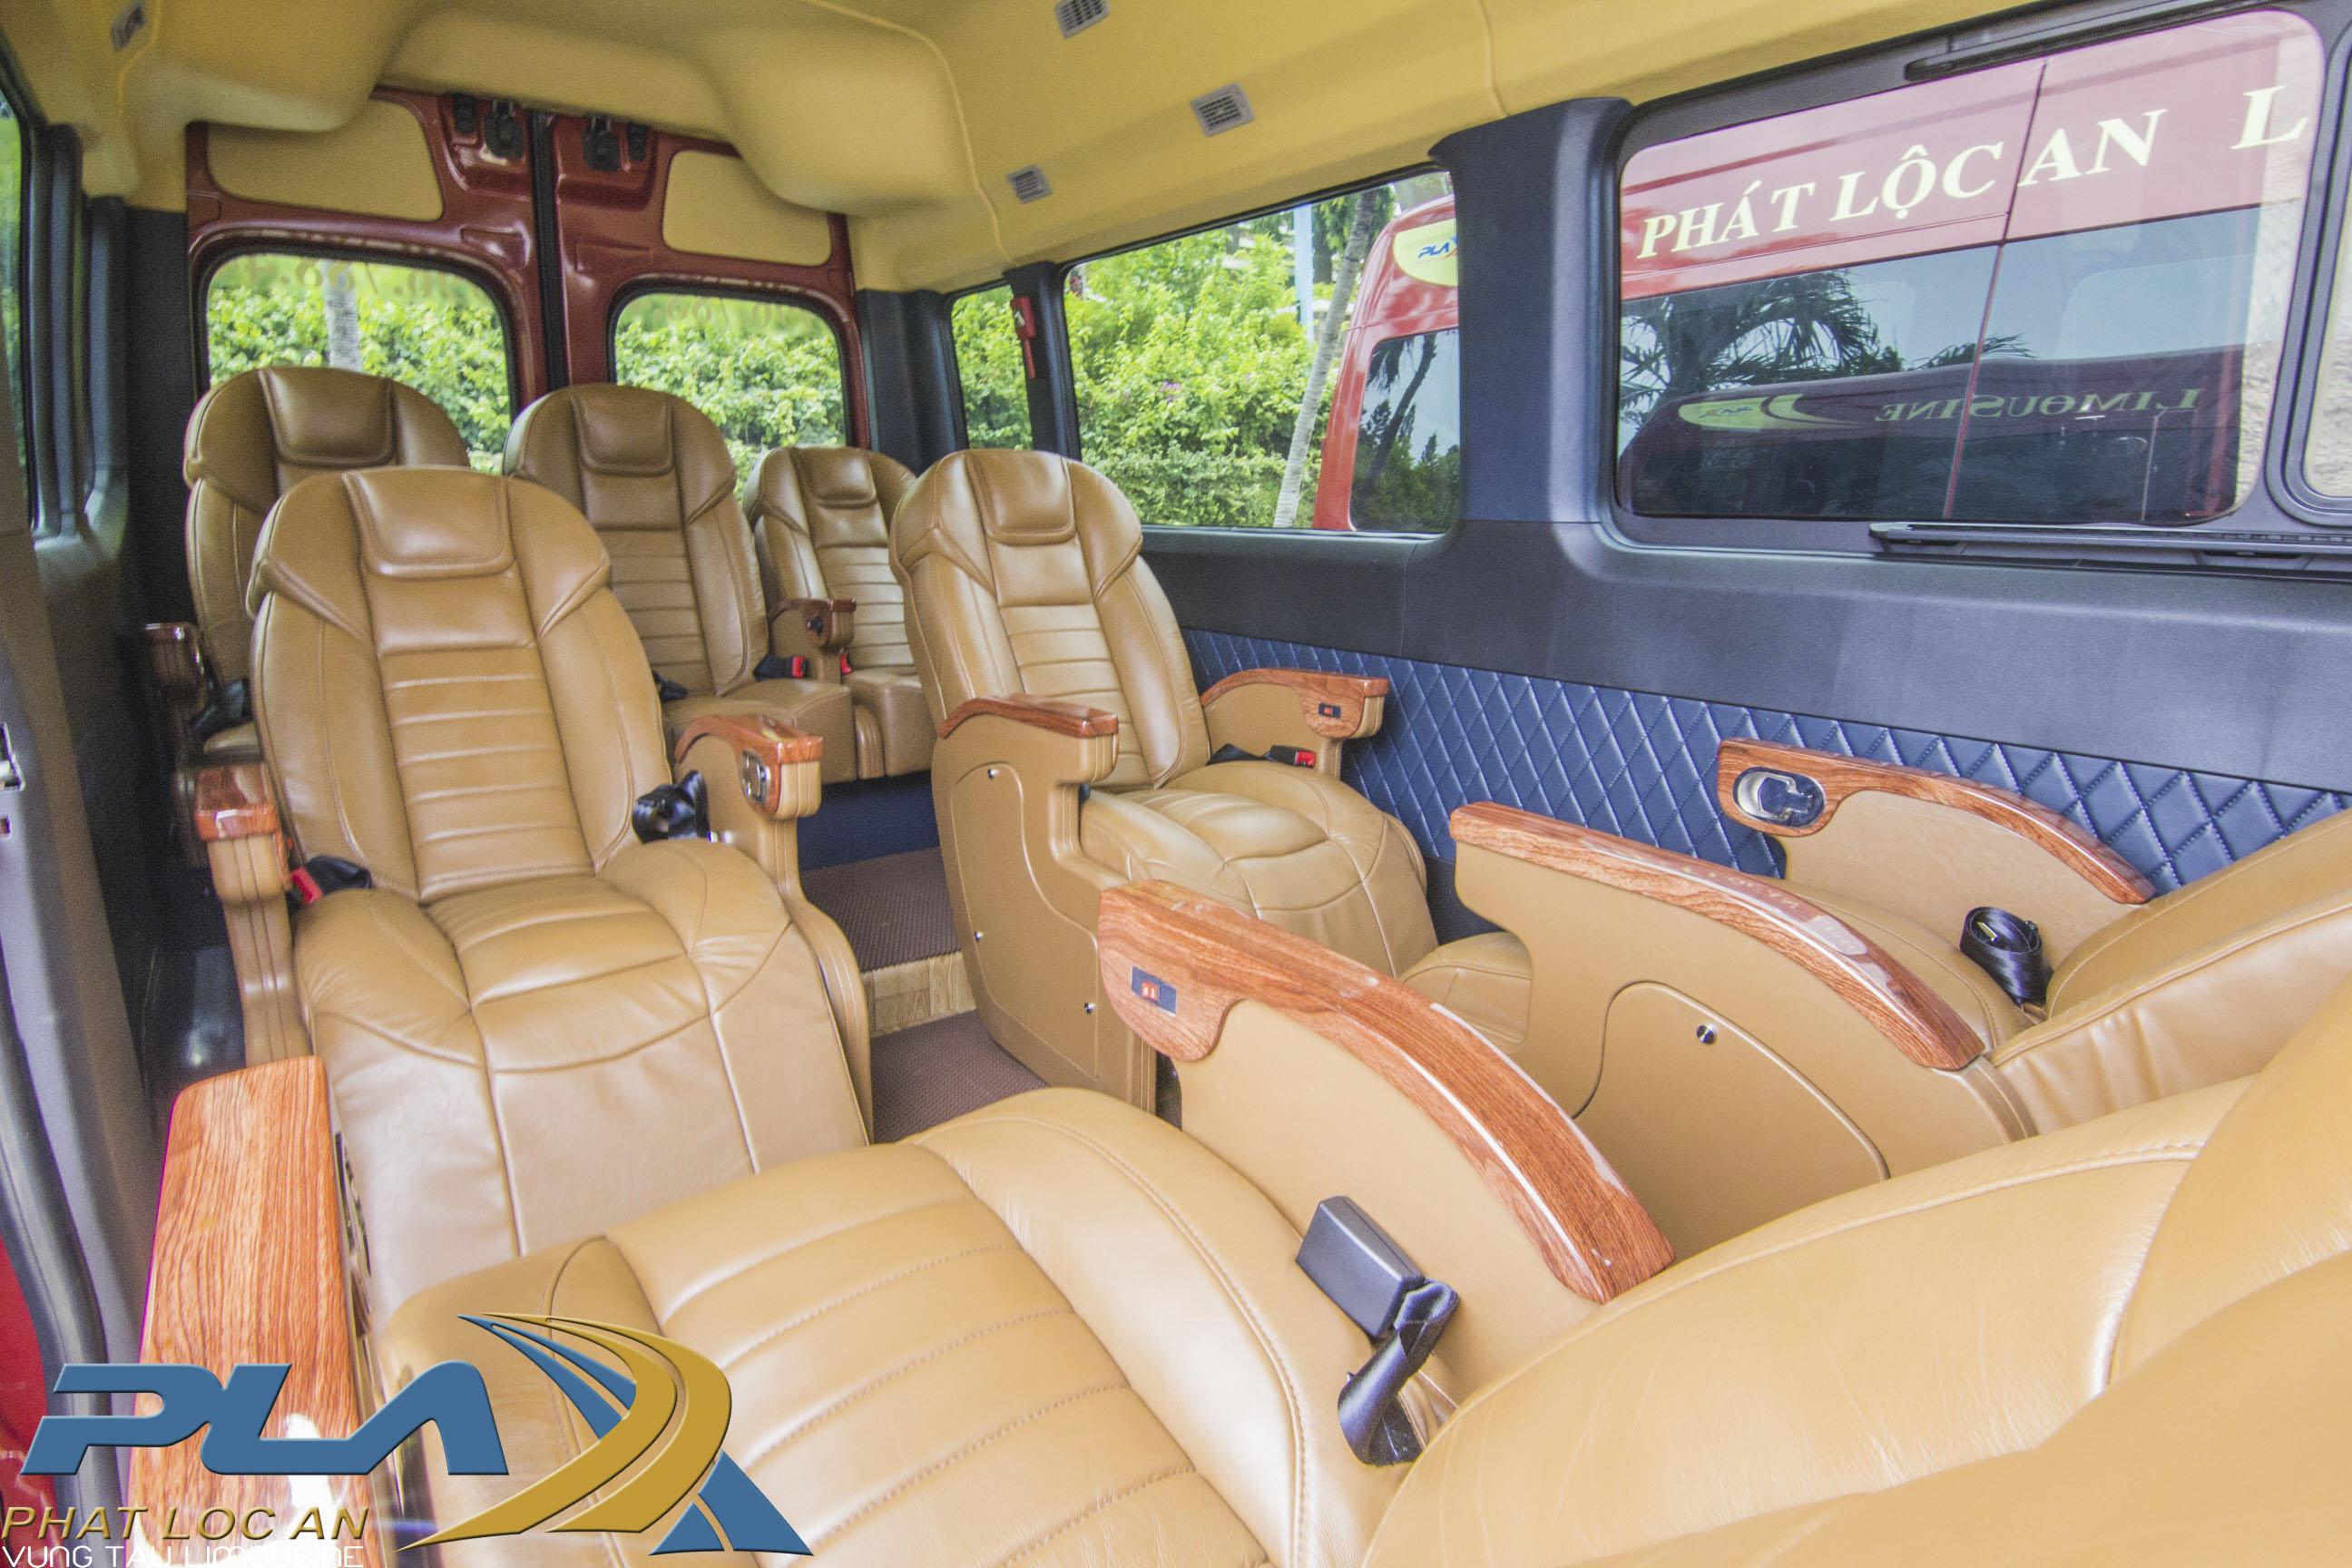 Vũng Tàu đẹp mê hồn trong clip giới thiệu xe Limousine VIP Phát Lộc An